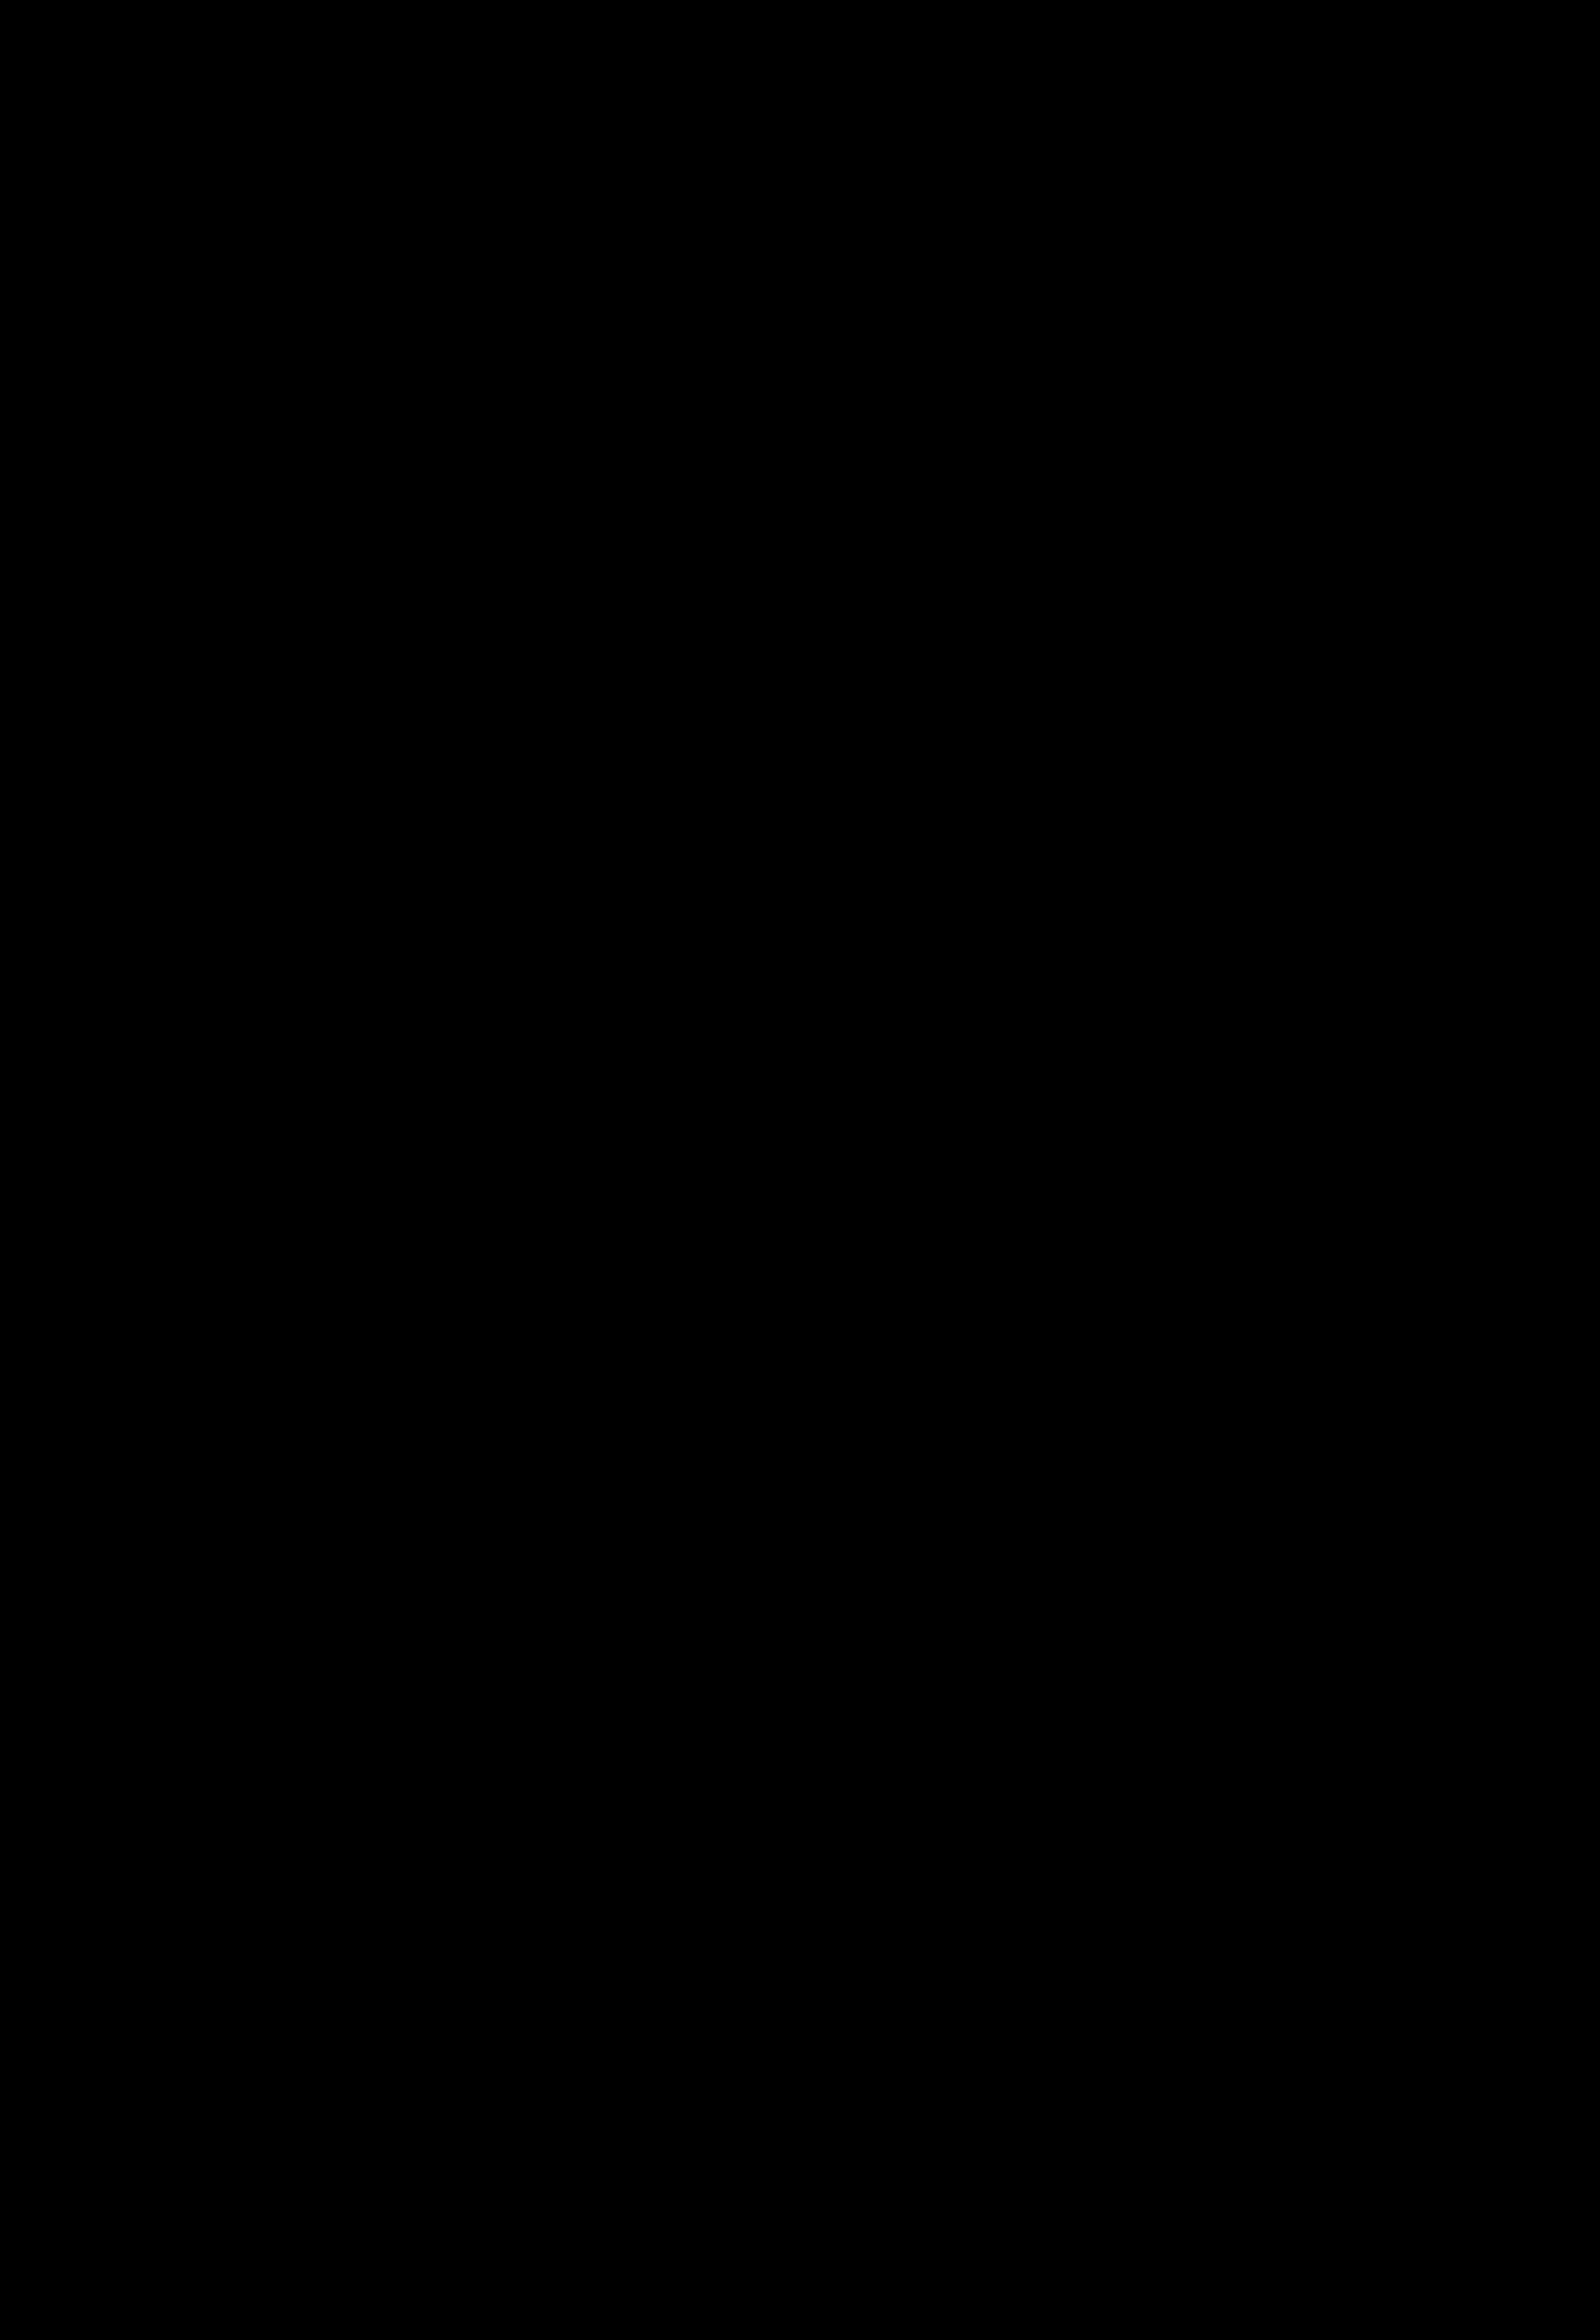 Dia Internacional da Cidade Educadora 2019